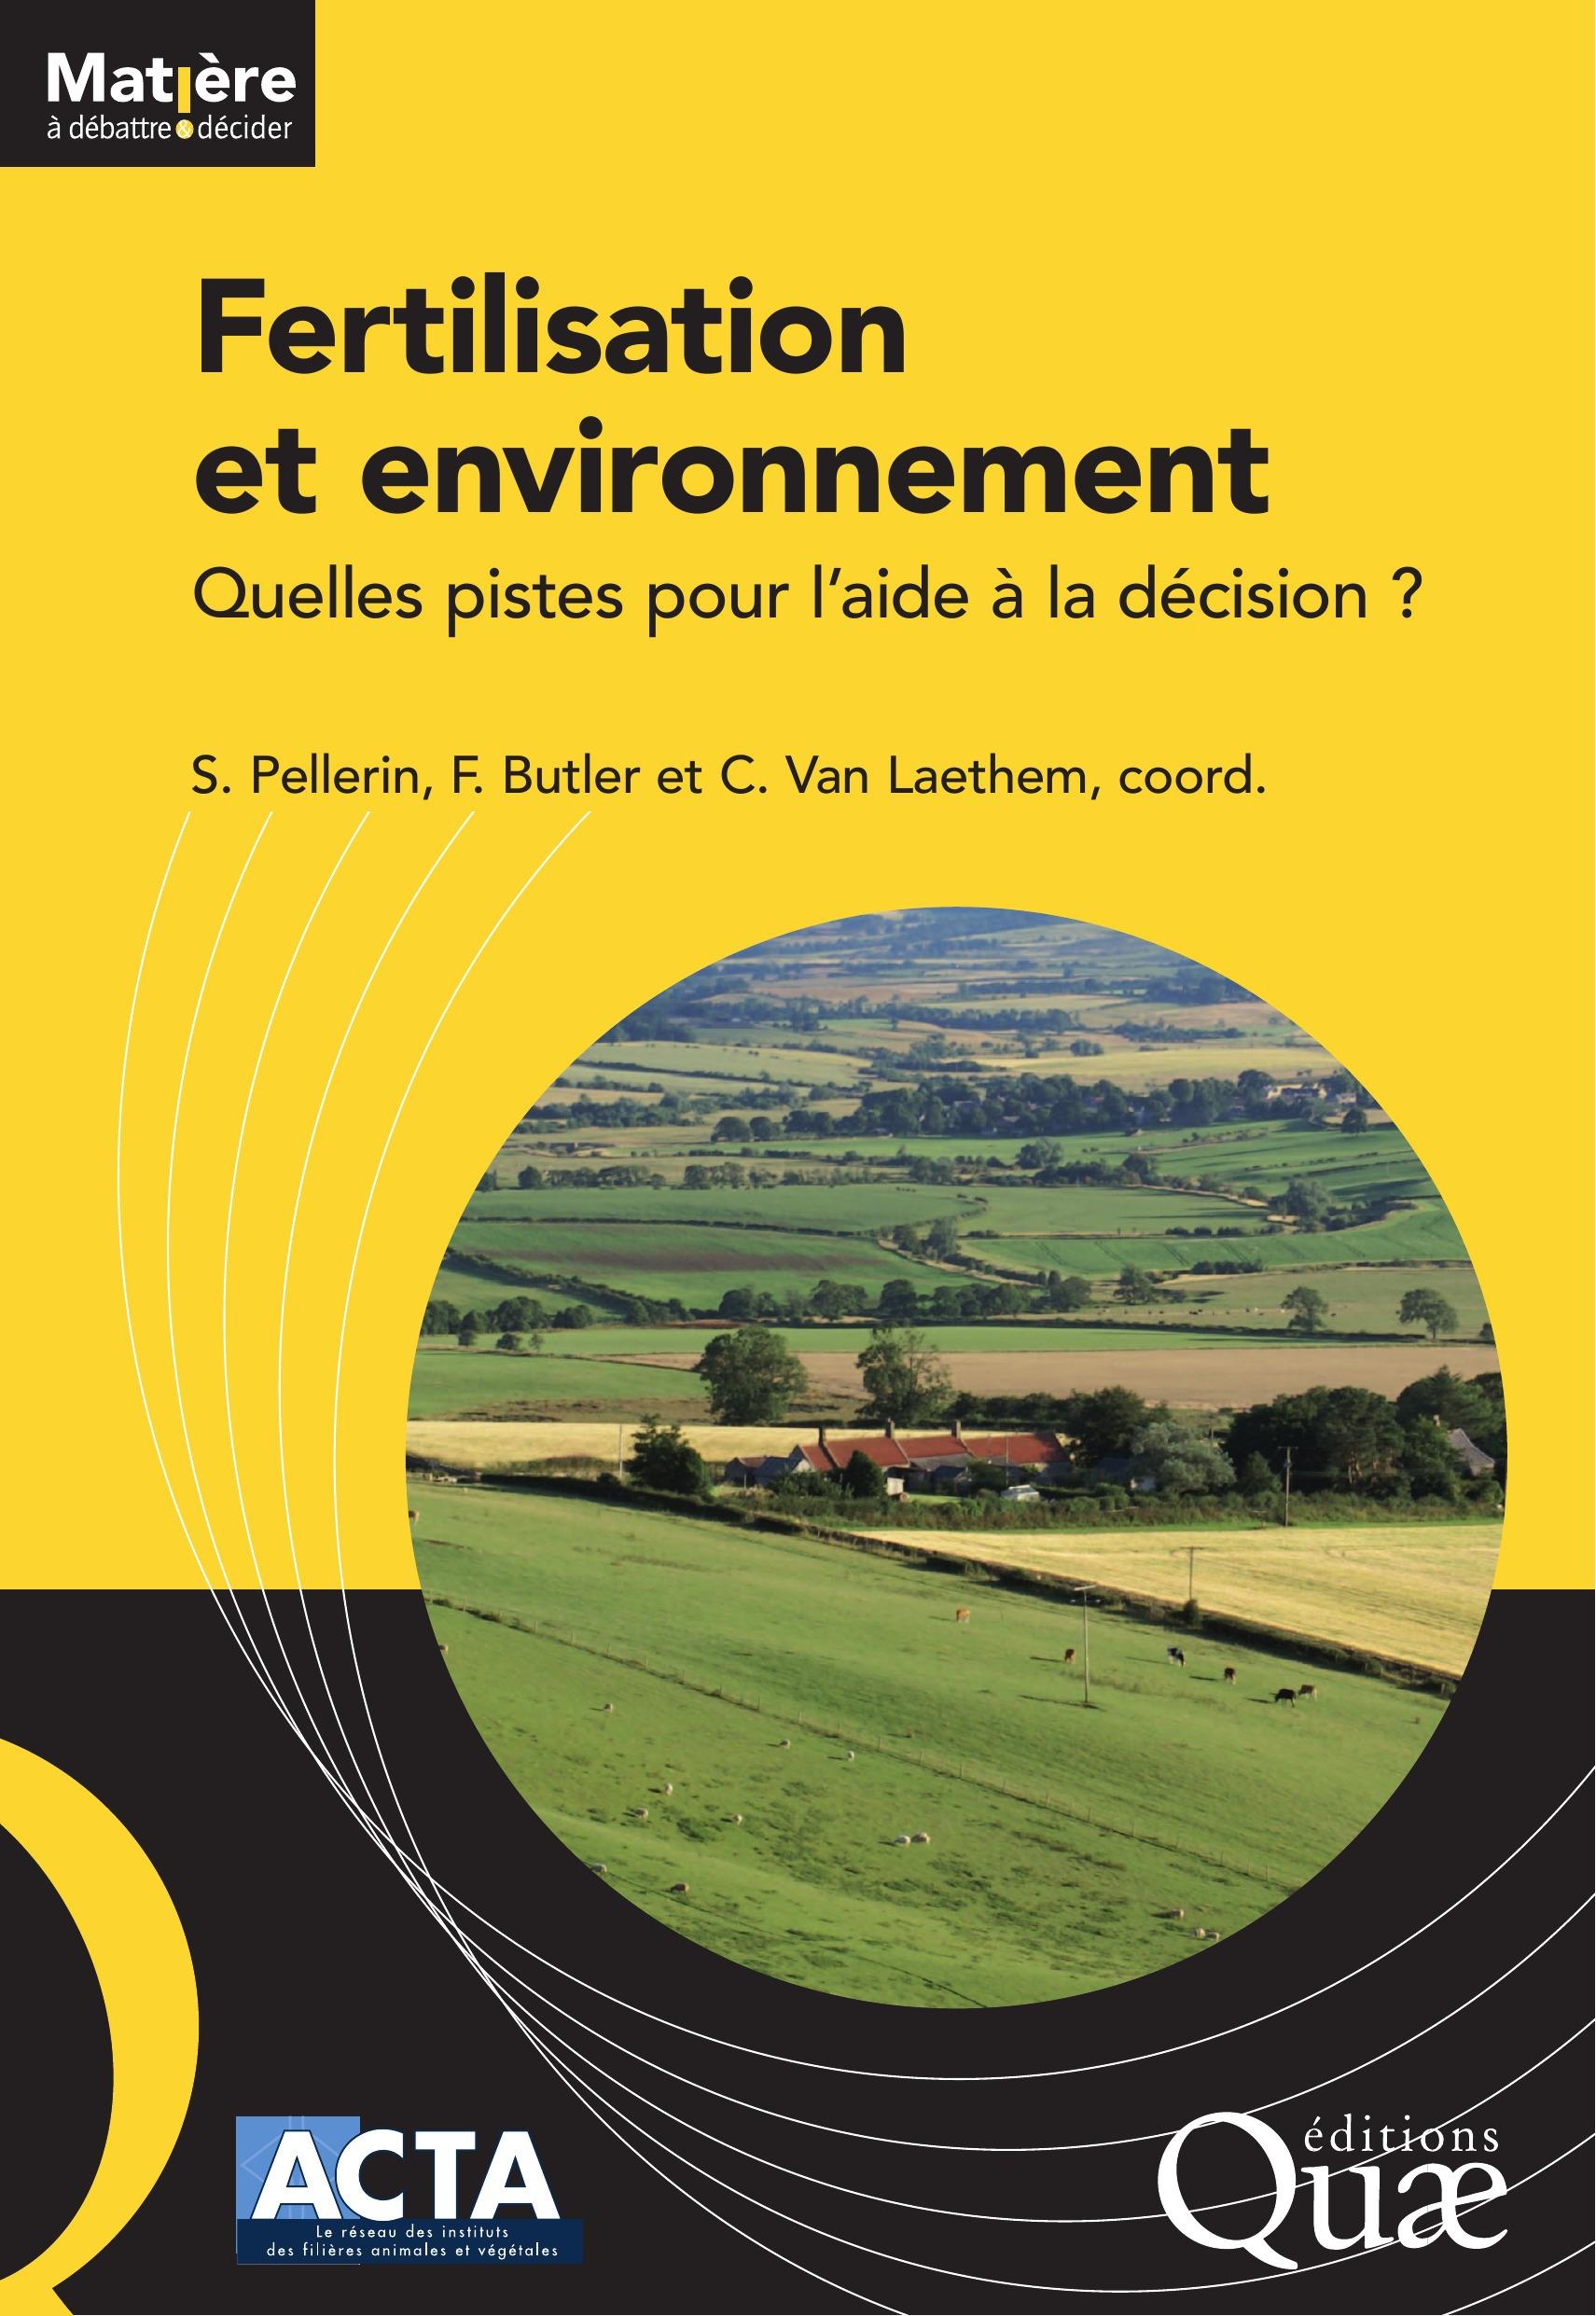 Fertilisation et environnement ; quelles pistes pour l'aide à la décision